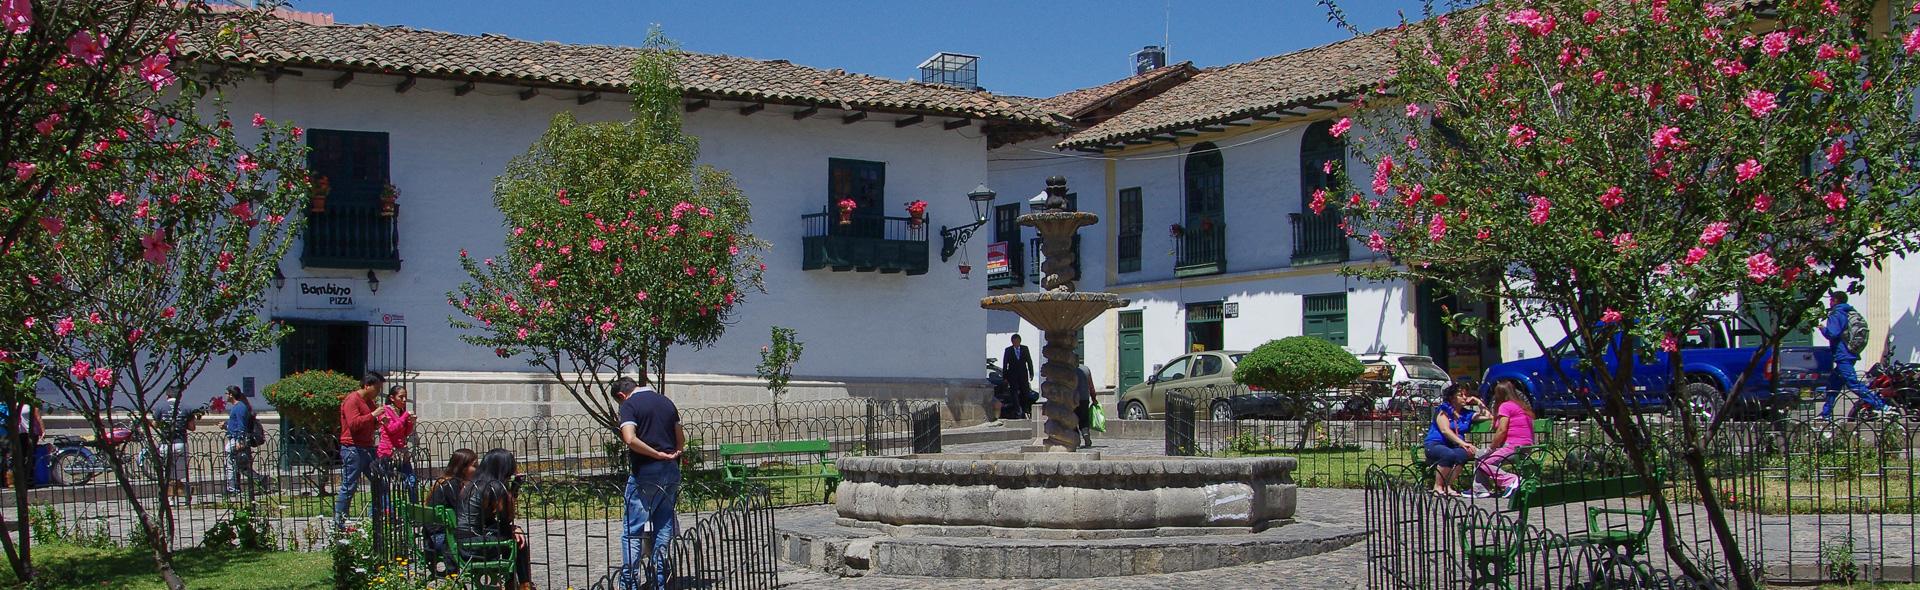 Cajamarca, Traumstadt in den Anden